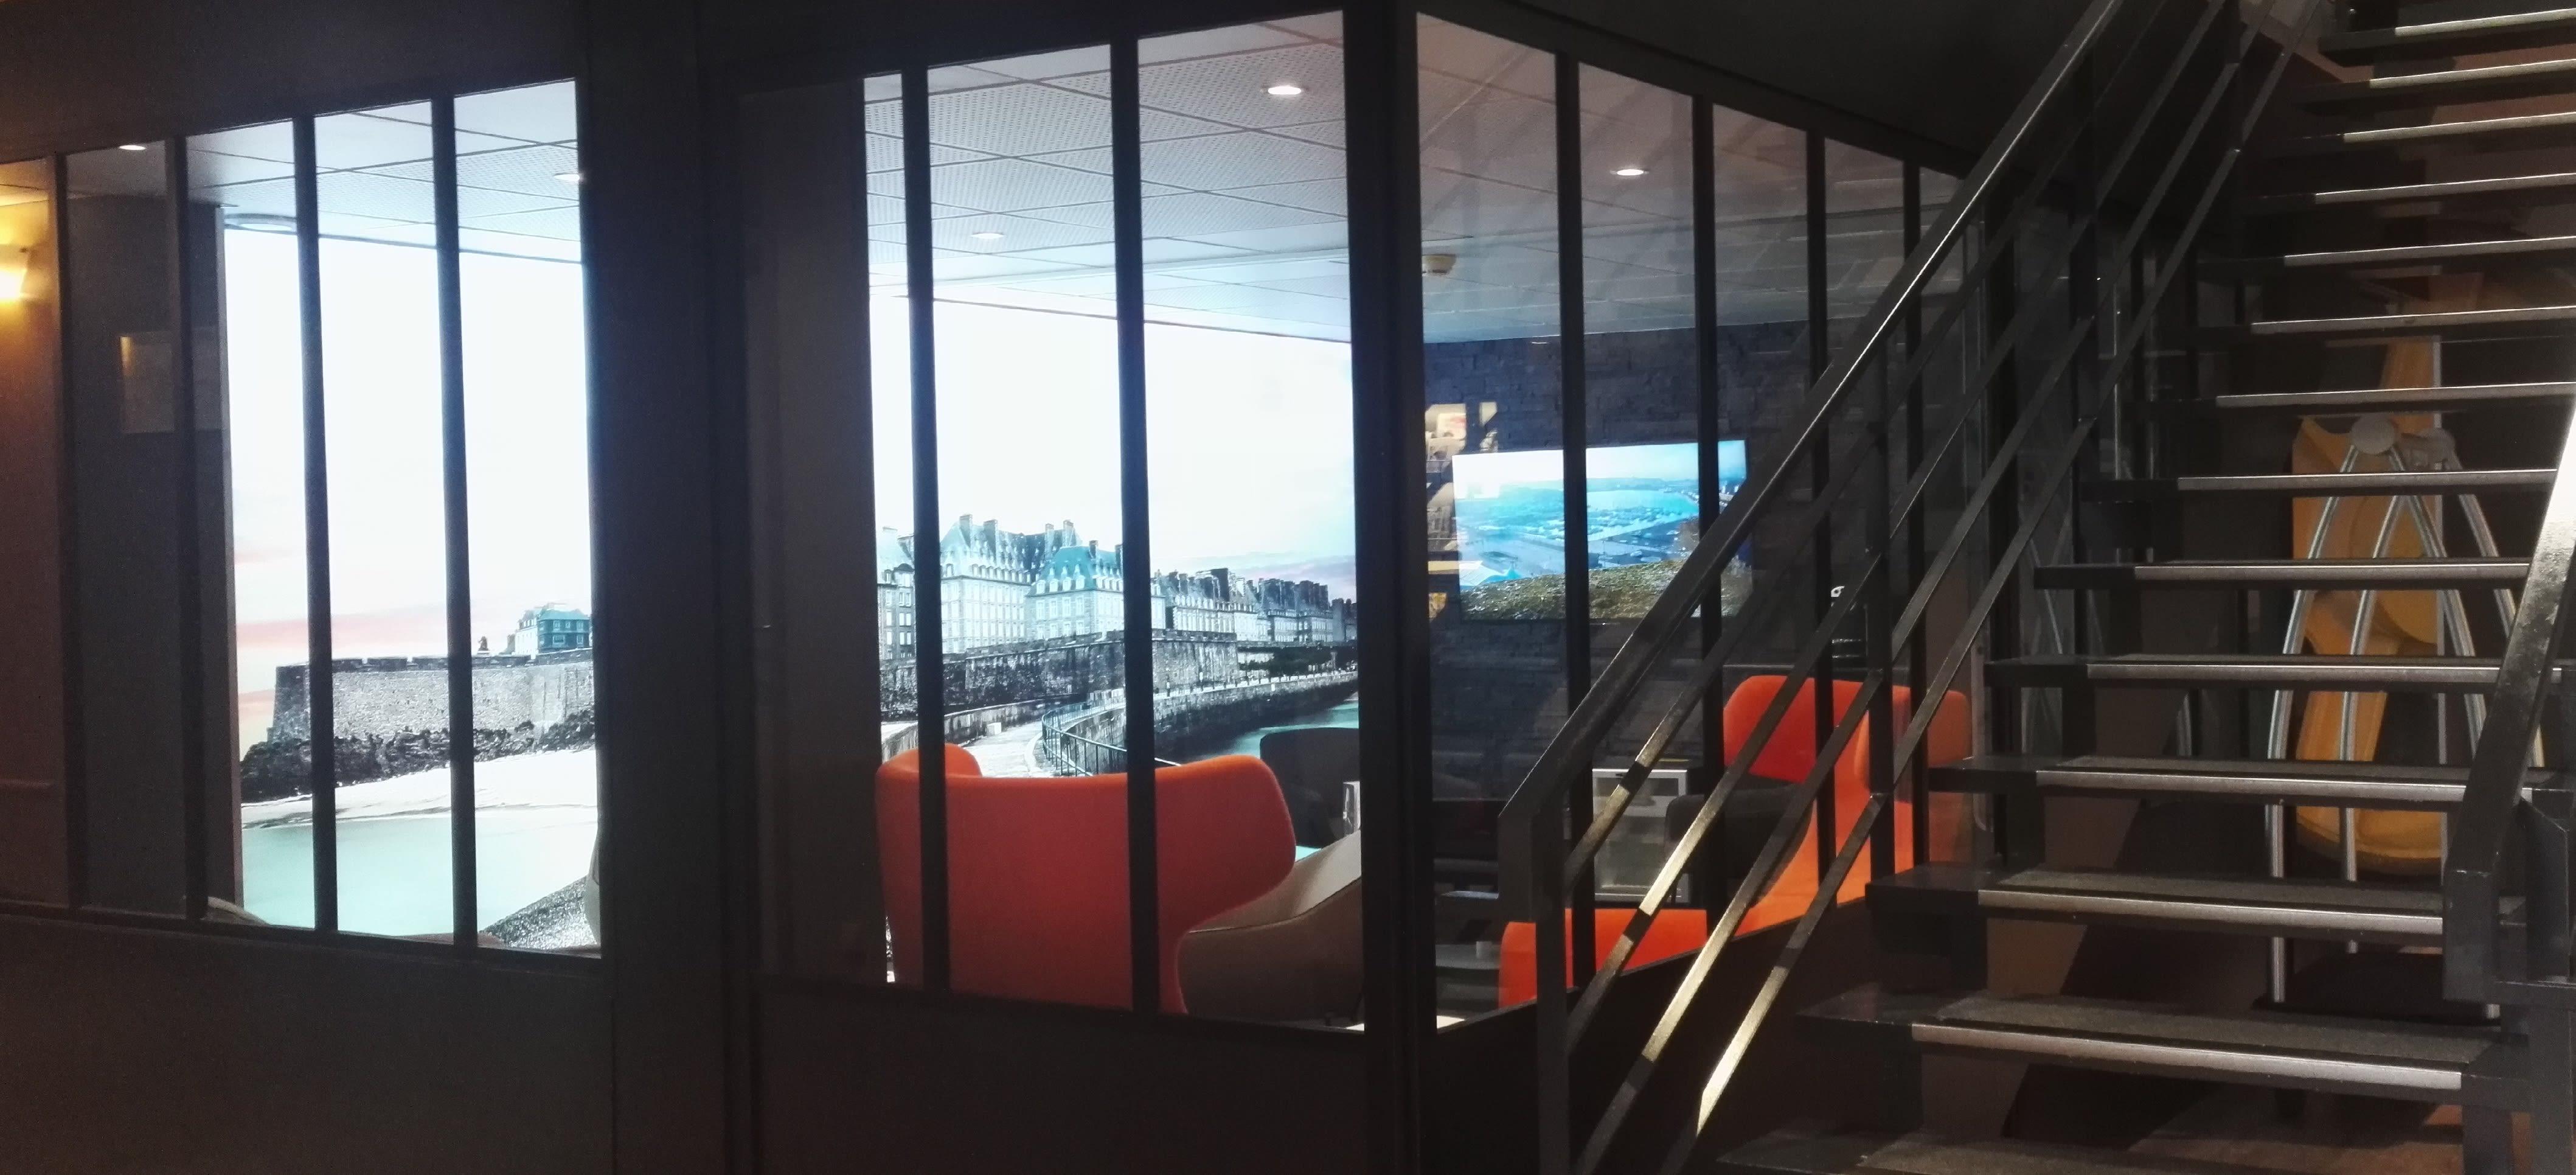 espace partagé d'une capacité de 15 personnes à Saint-Malo